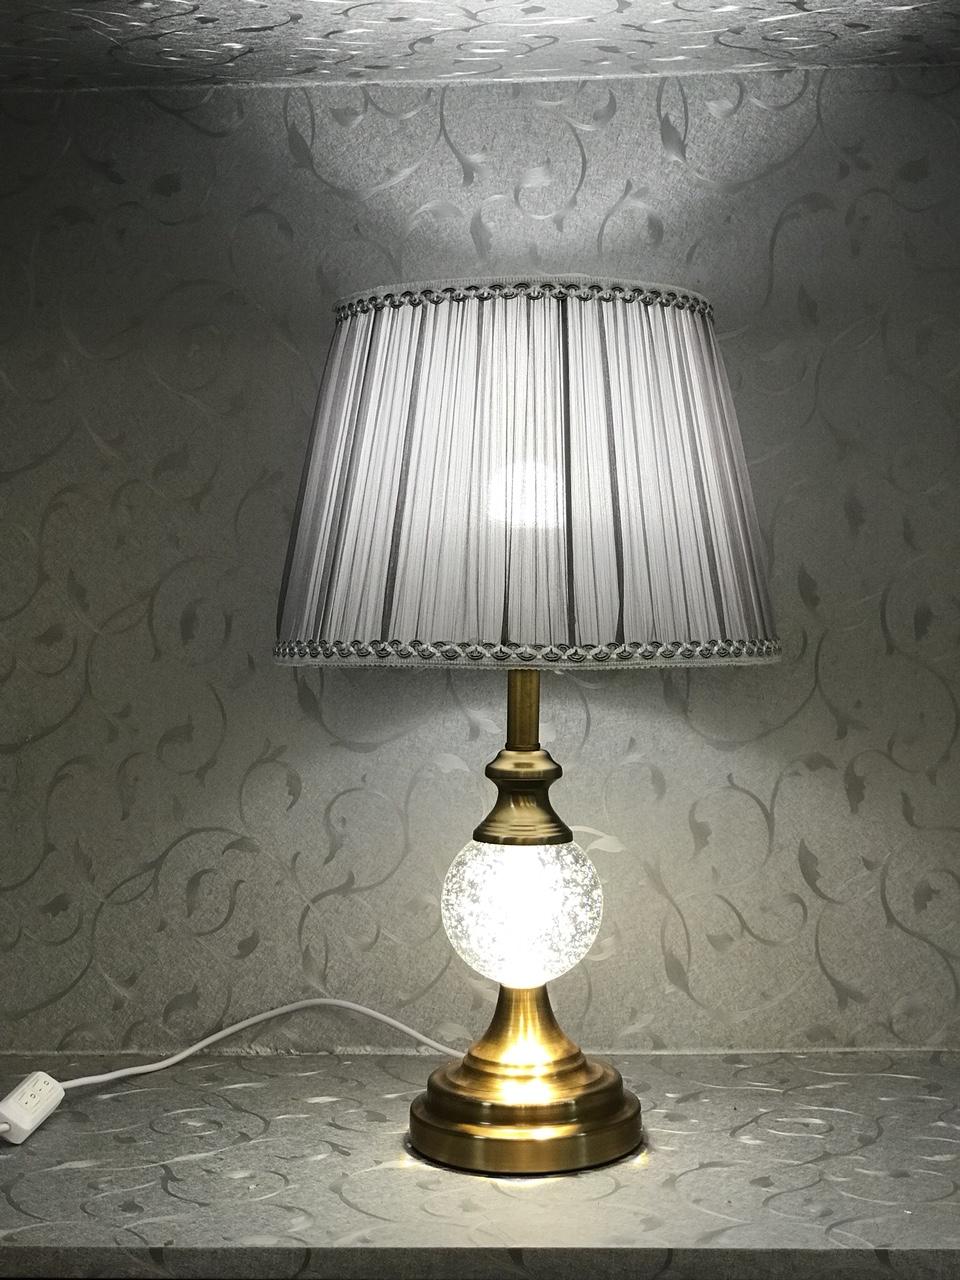 Đèn bàn - đèn ngủ để bàn - đèn bàn trang trí phòng ngủ pha lê hiện đại MB9808